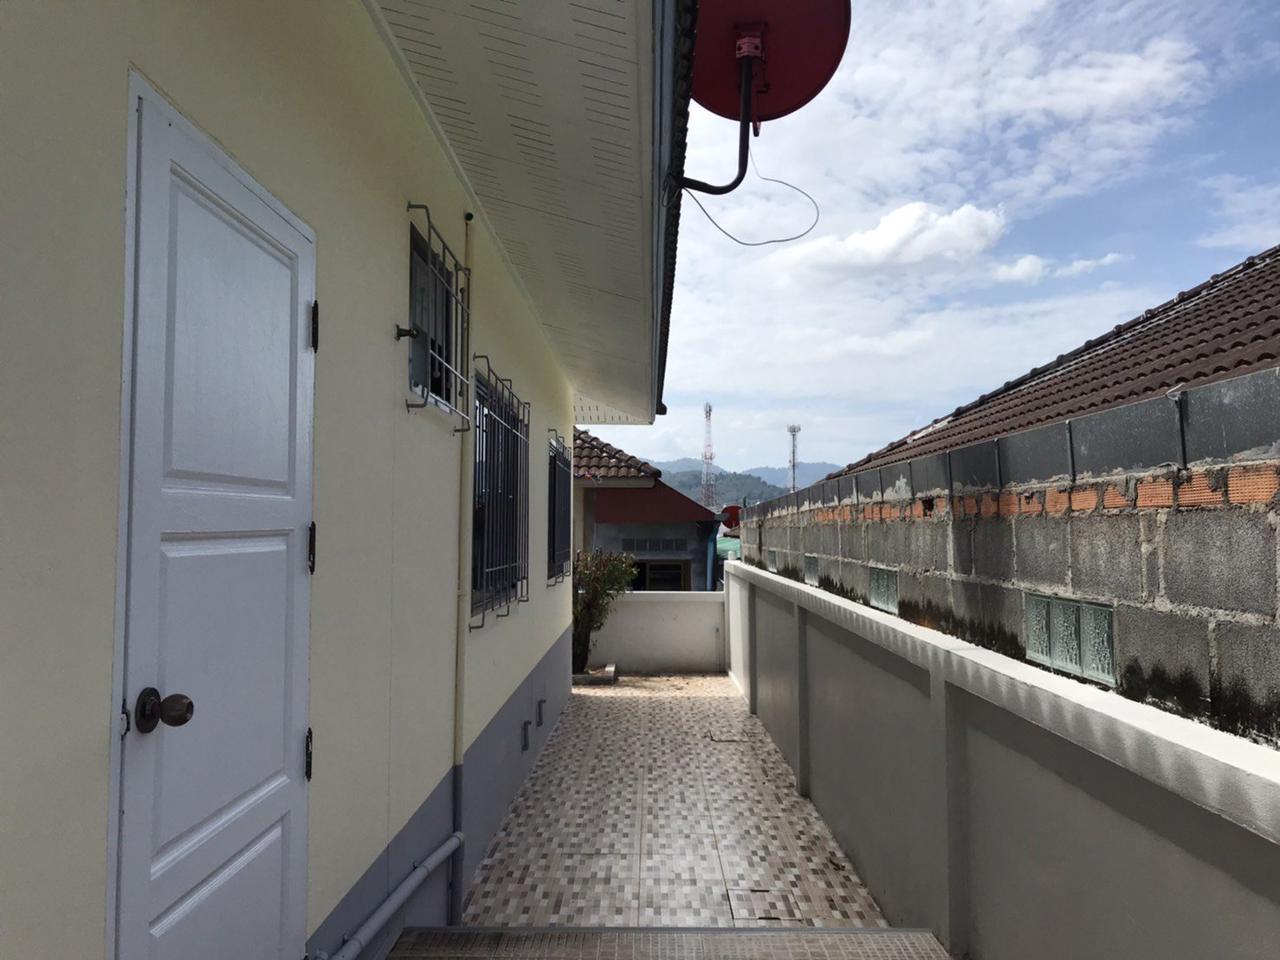 บ้านสวนเนรมิต 5 ป่าคลอก (บ้านใหม่)  ค่าเช่า 20,000 (ราคานี้ลดได้) ทำเลสวย สาธารณูปโภคครบครัน  รูปที่ 4